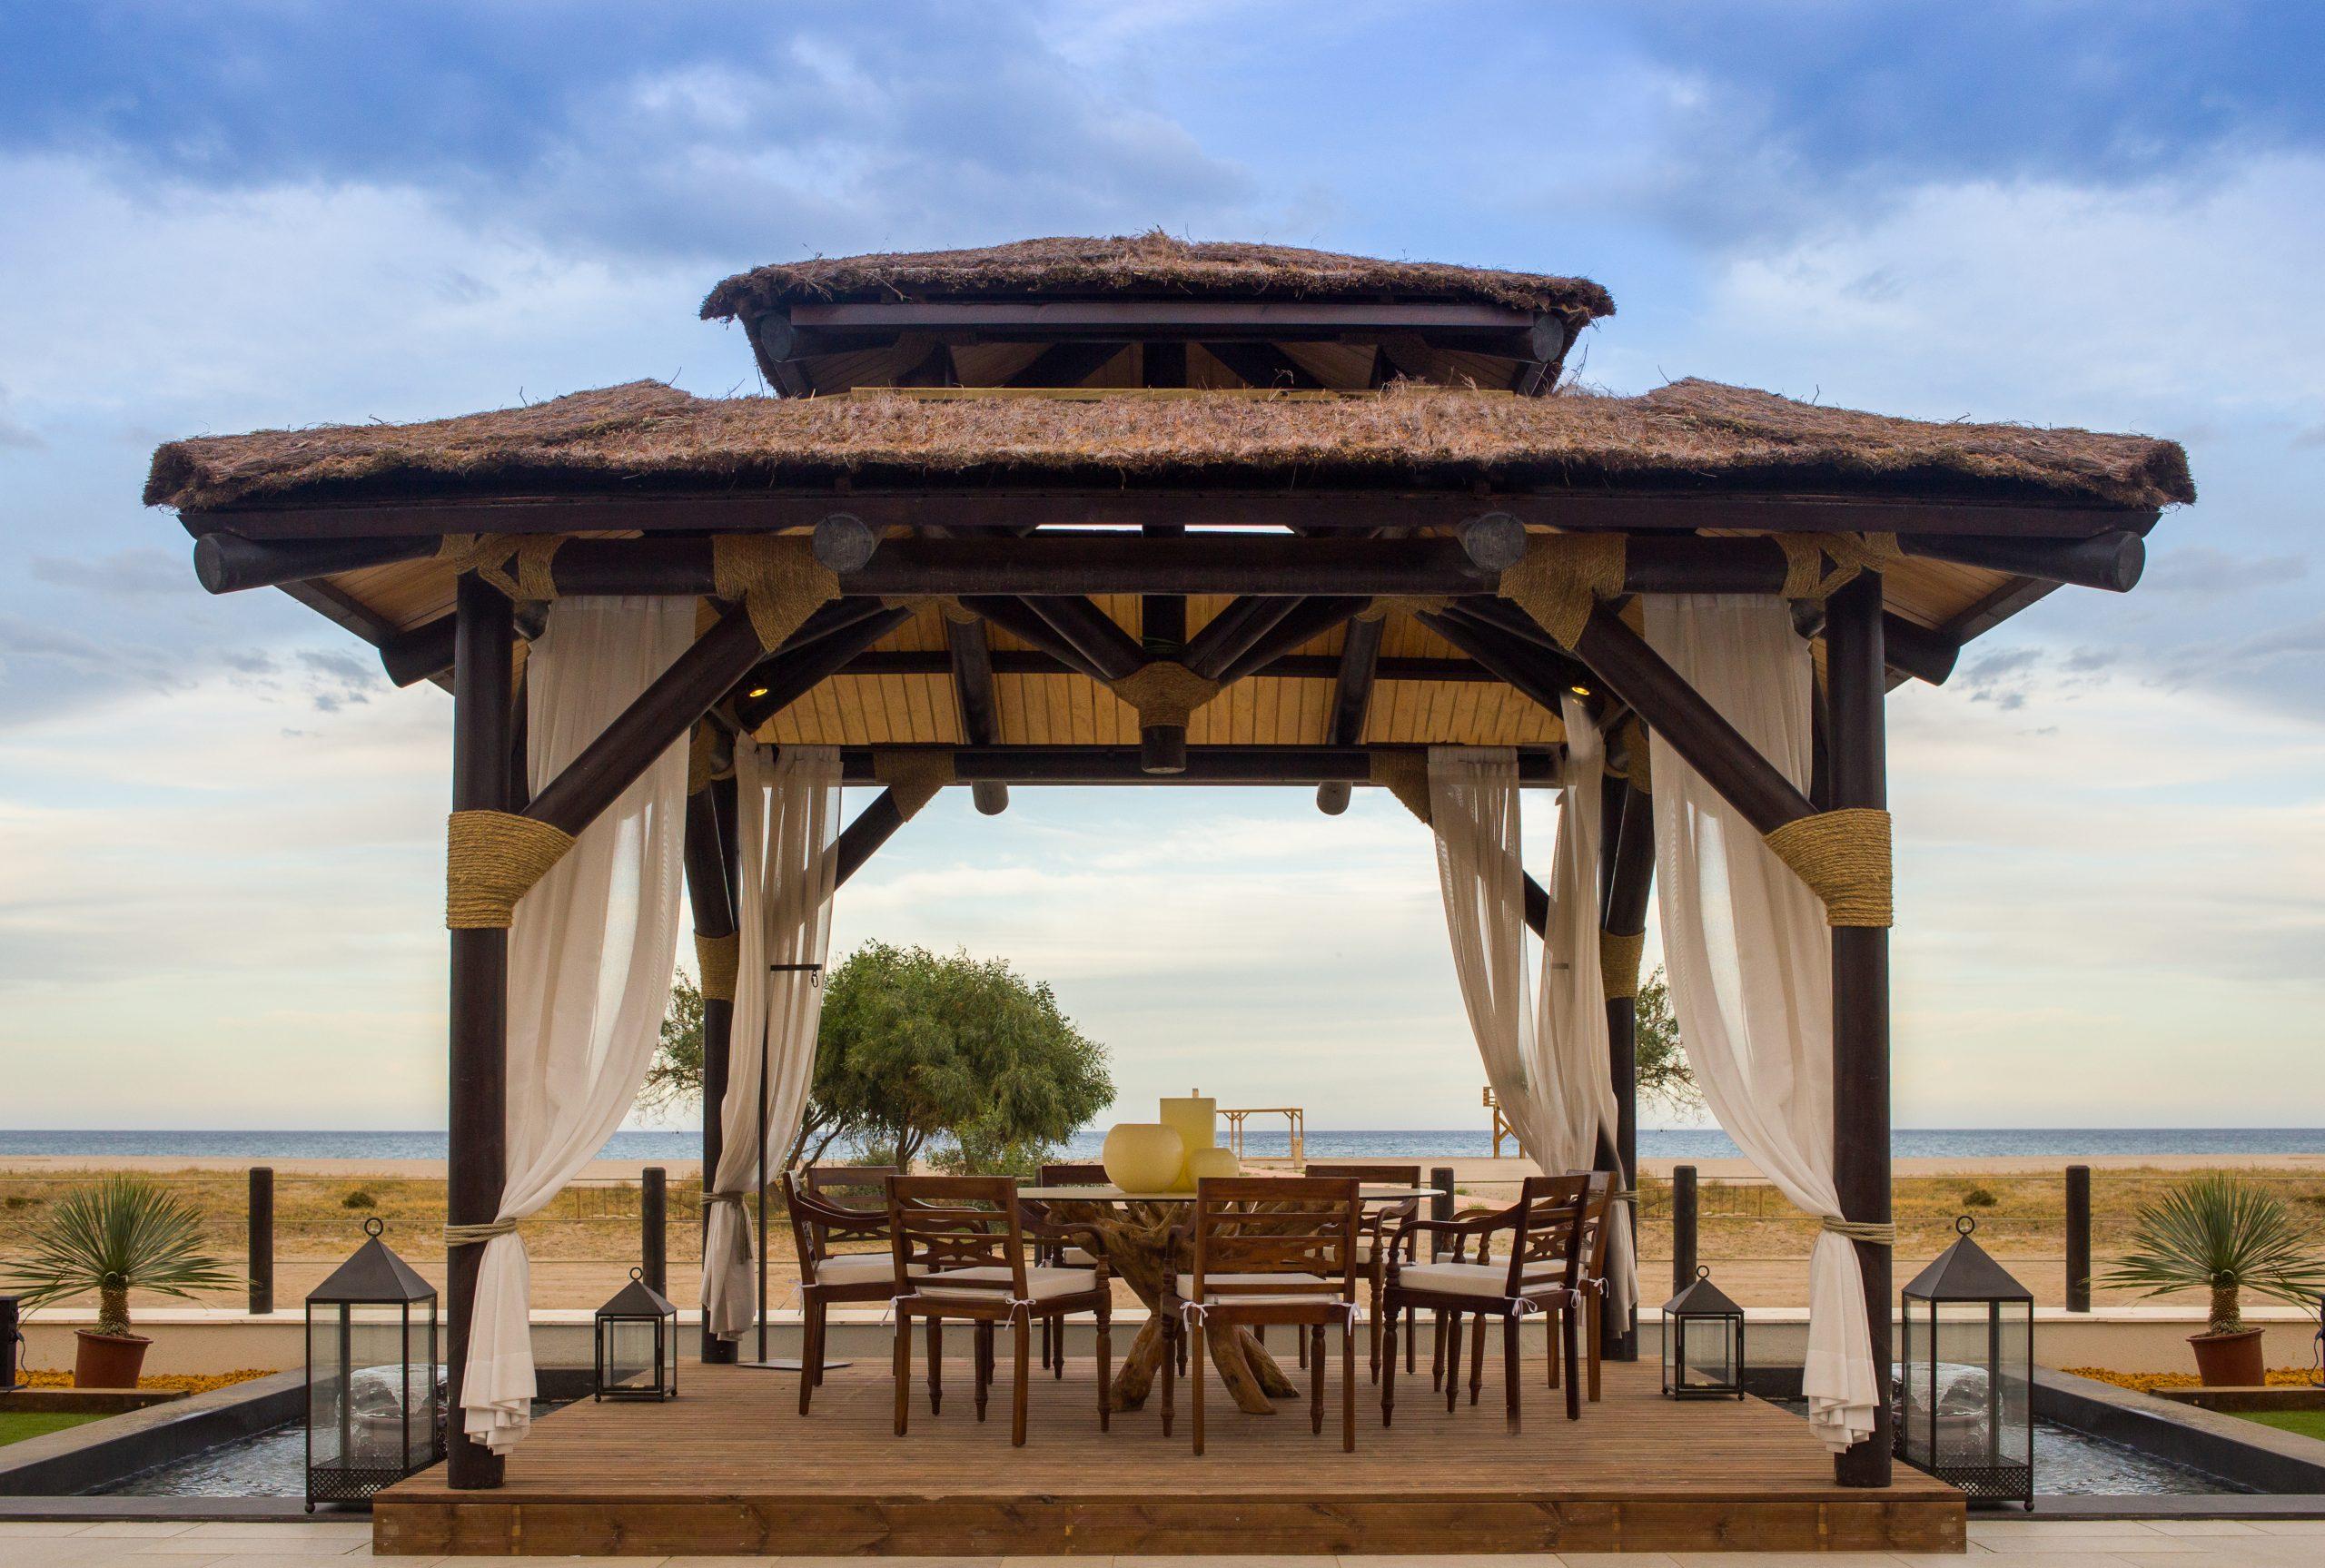 Diseño muebles e interior Maraú beach club